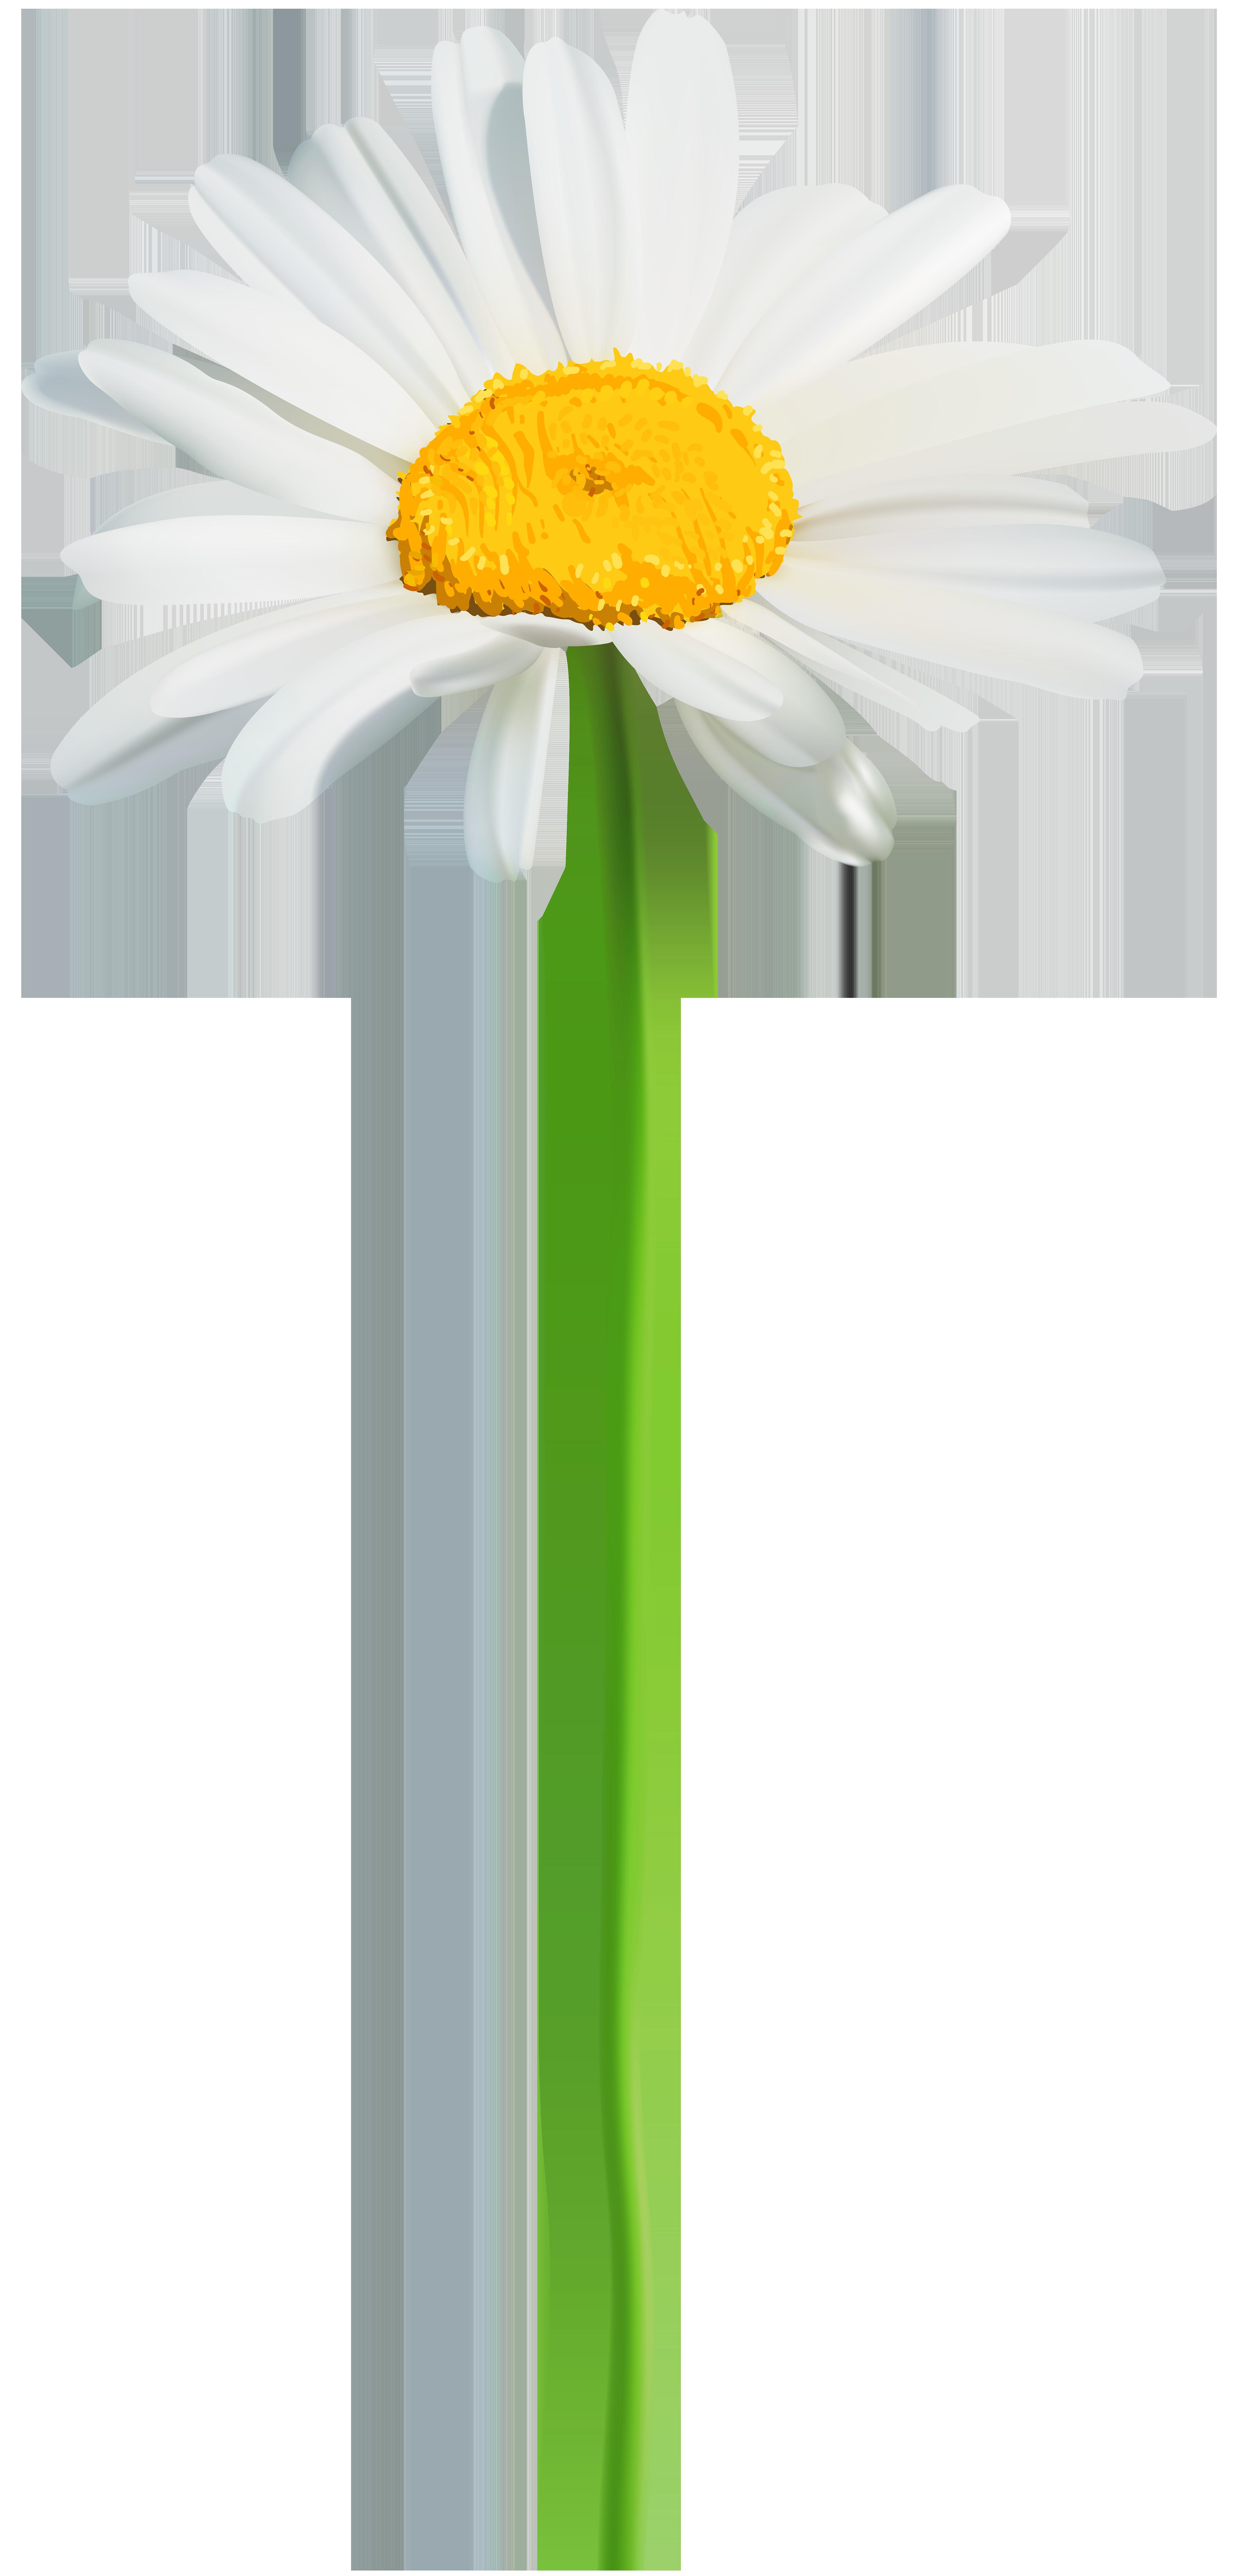 Png clip art image. Daisy clipart small daisy